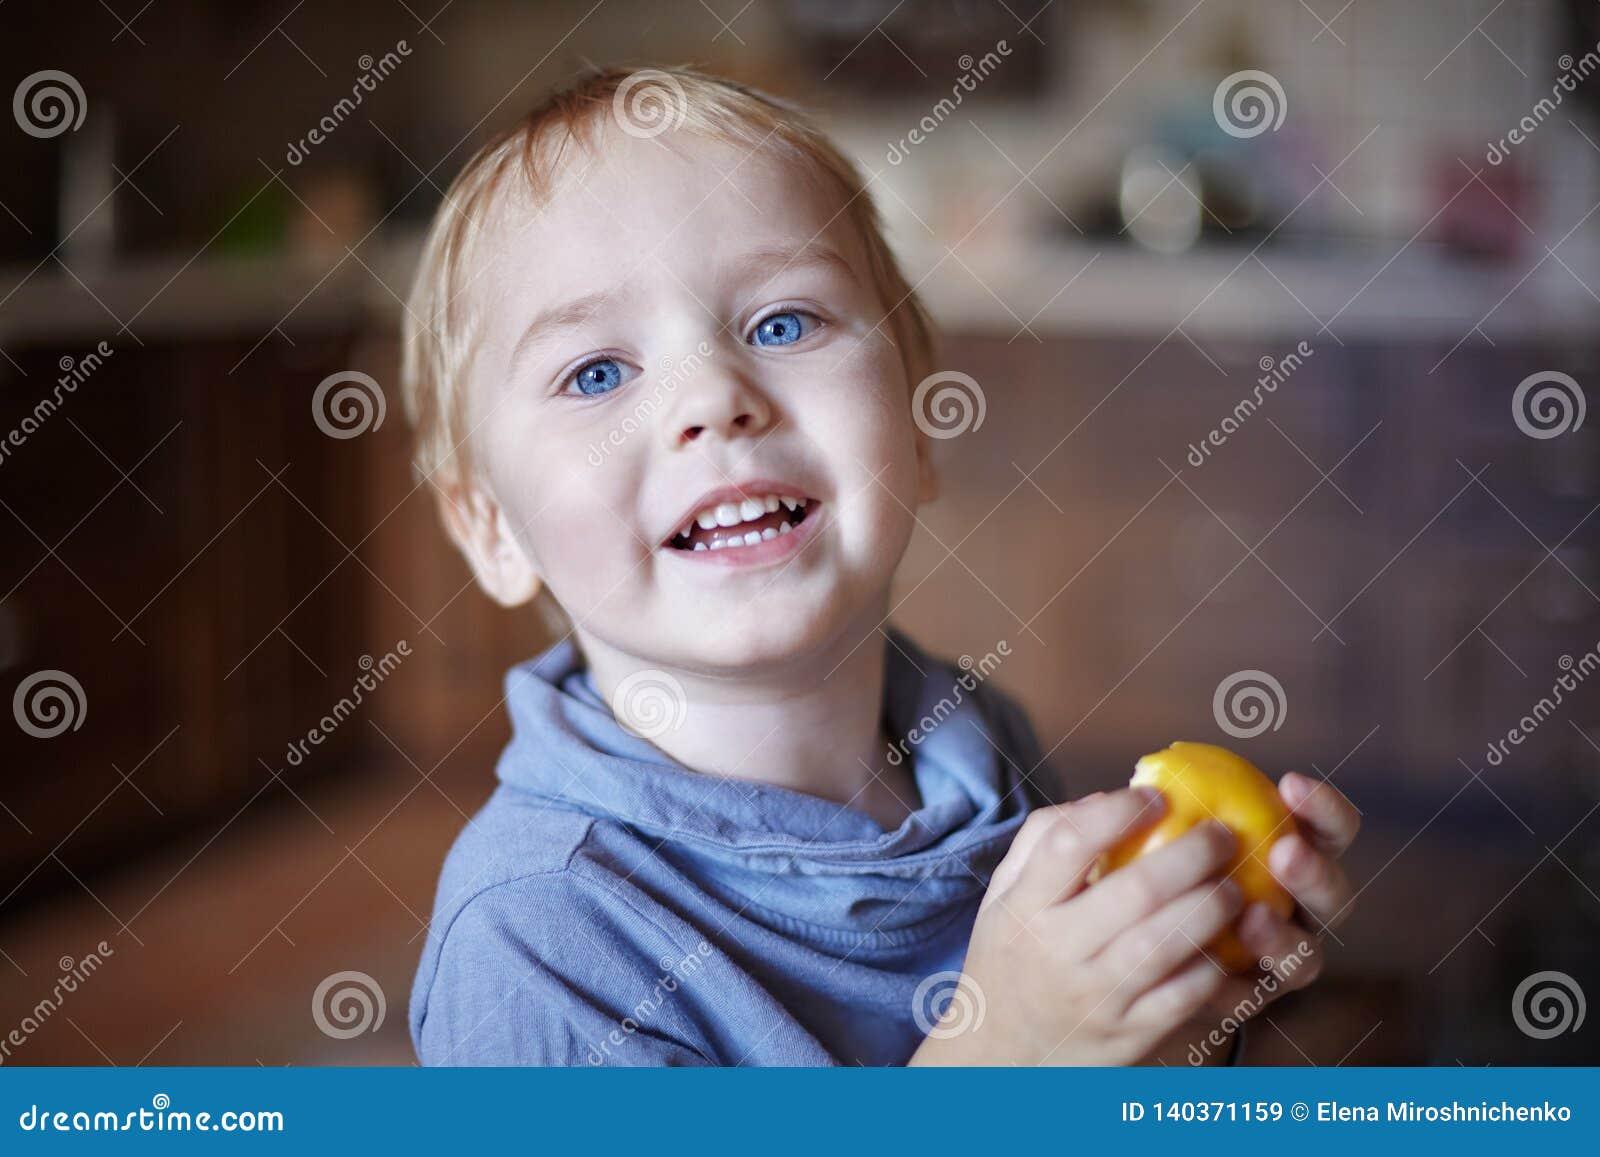 Милый кавказский мальчик с голубыми глазами и светлыми волосами ест желтое яблоко, держащ его на руках, усмехаясь